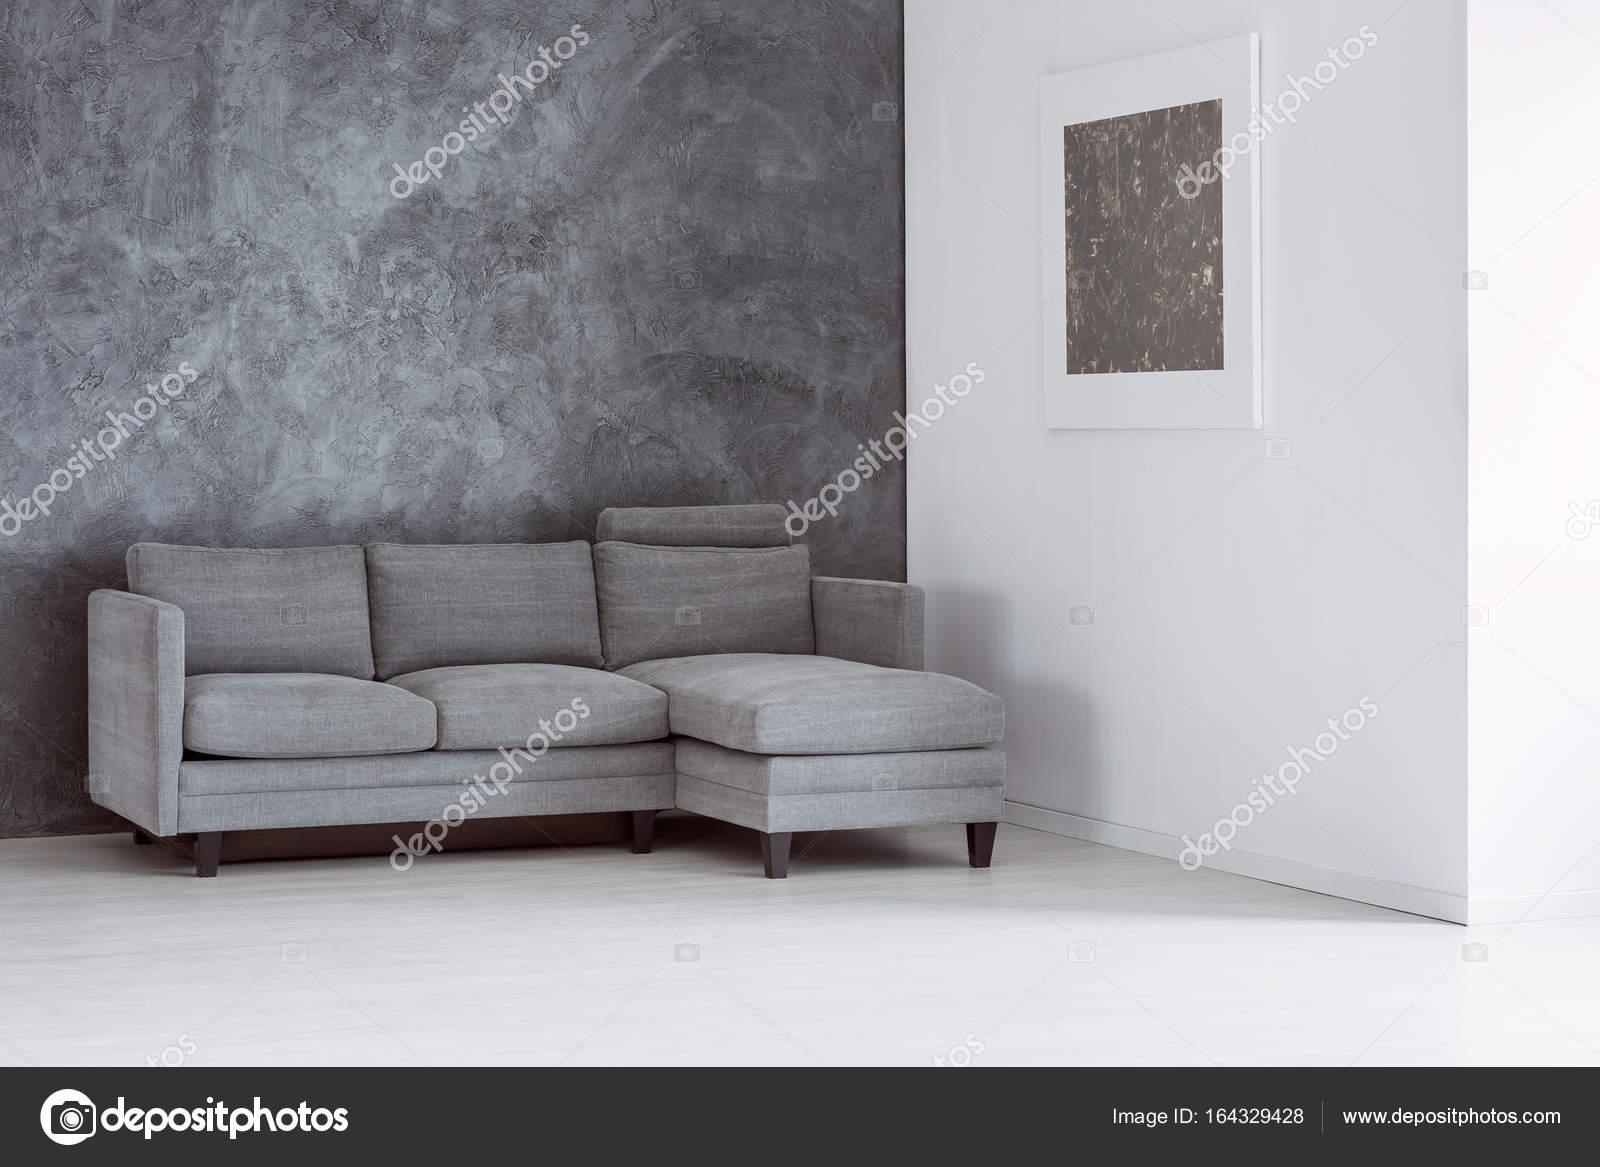 Einfach leere Wohnzimmer — Stockfoto © photographee.eu #164329428